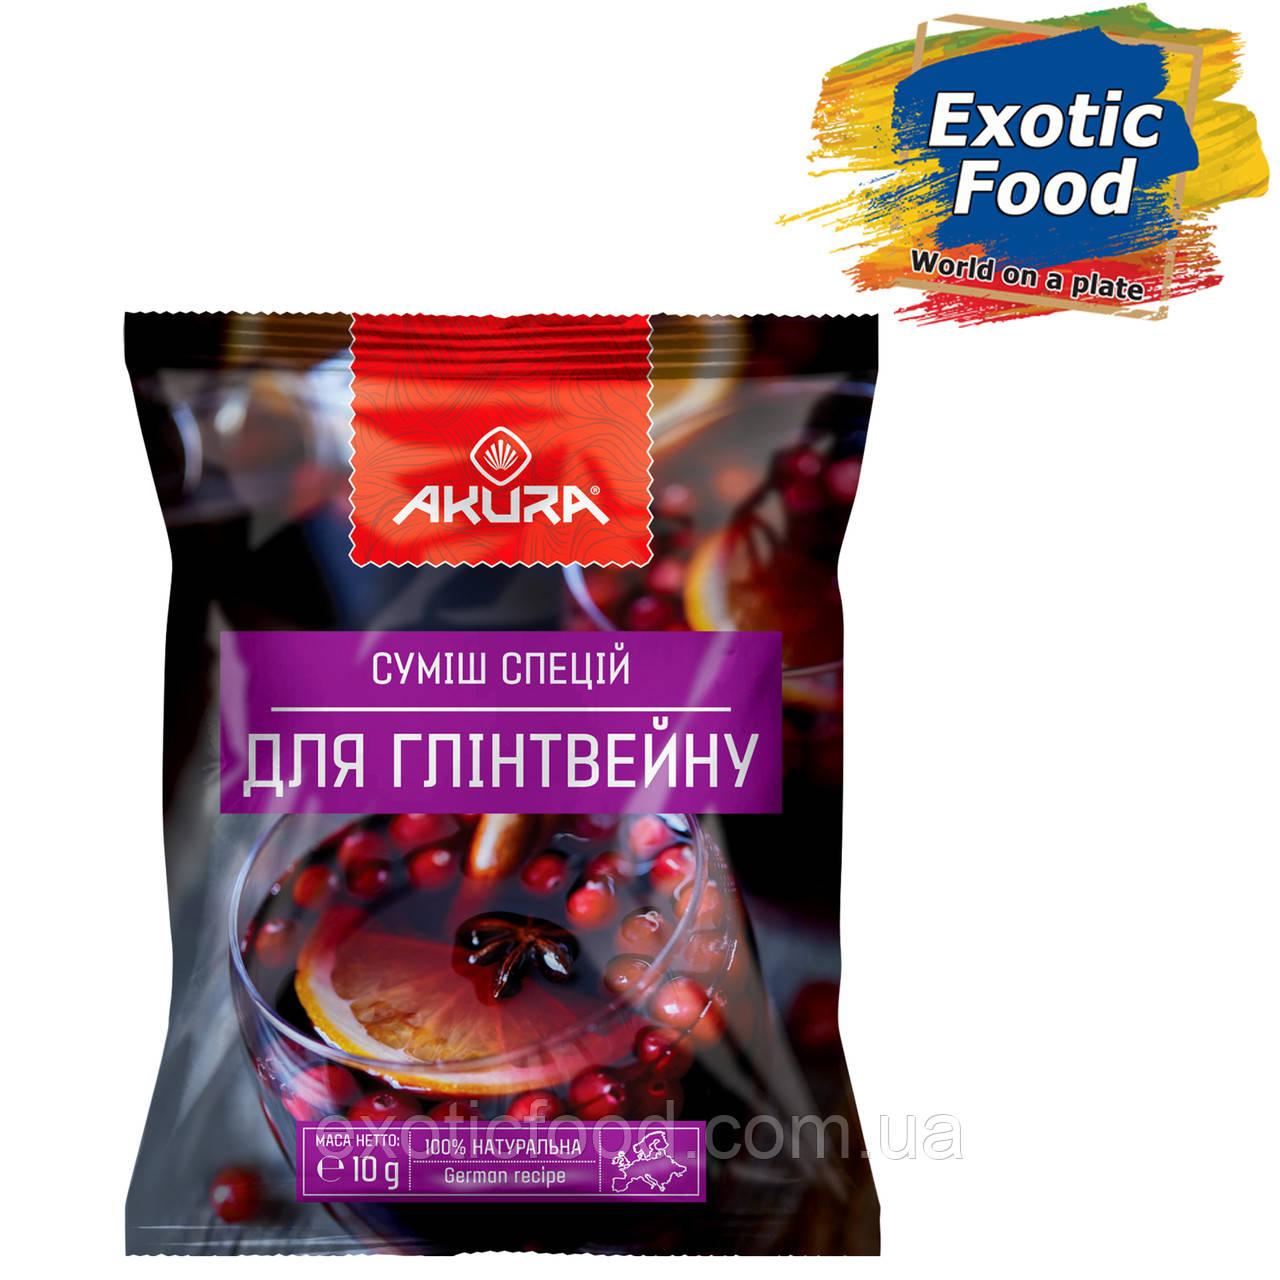 """Суміш спецій до Глінтвейну 10 г ТМ """"AKURA"""""""